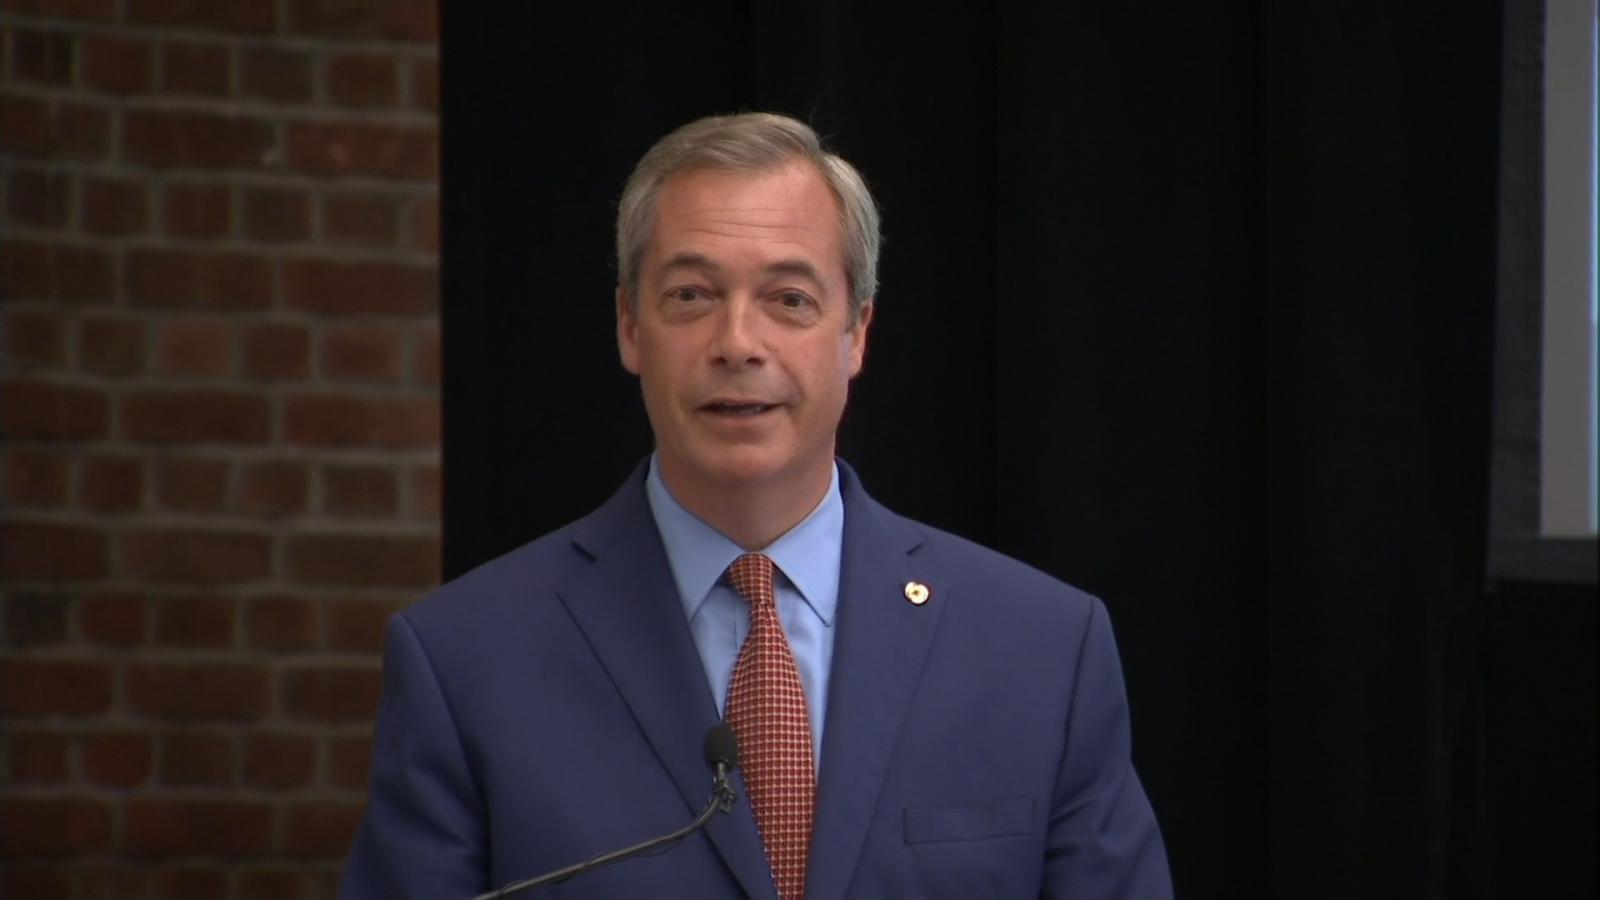 Nigel Farage resigns